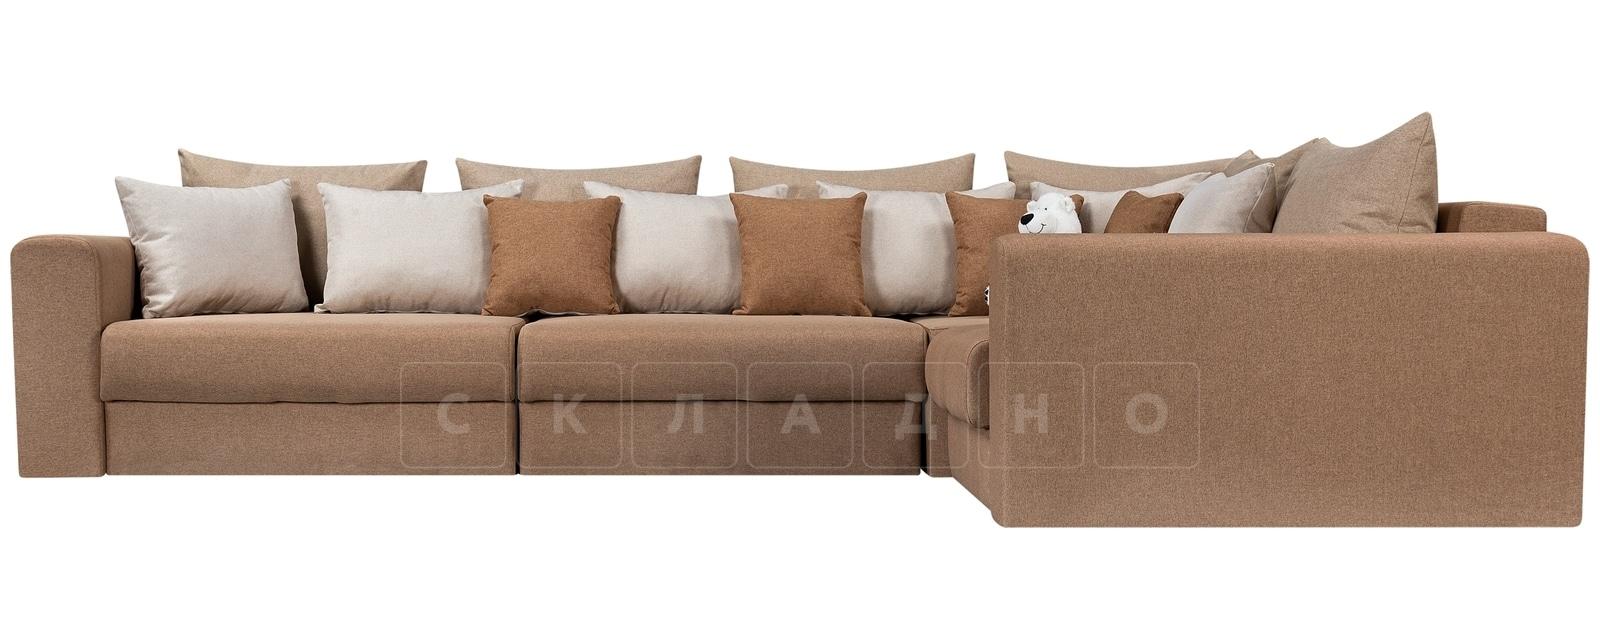 Угловой диван Медисон коричневый 345х224 см фото 2 | интернет-магазин Складно